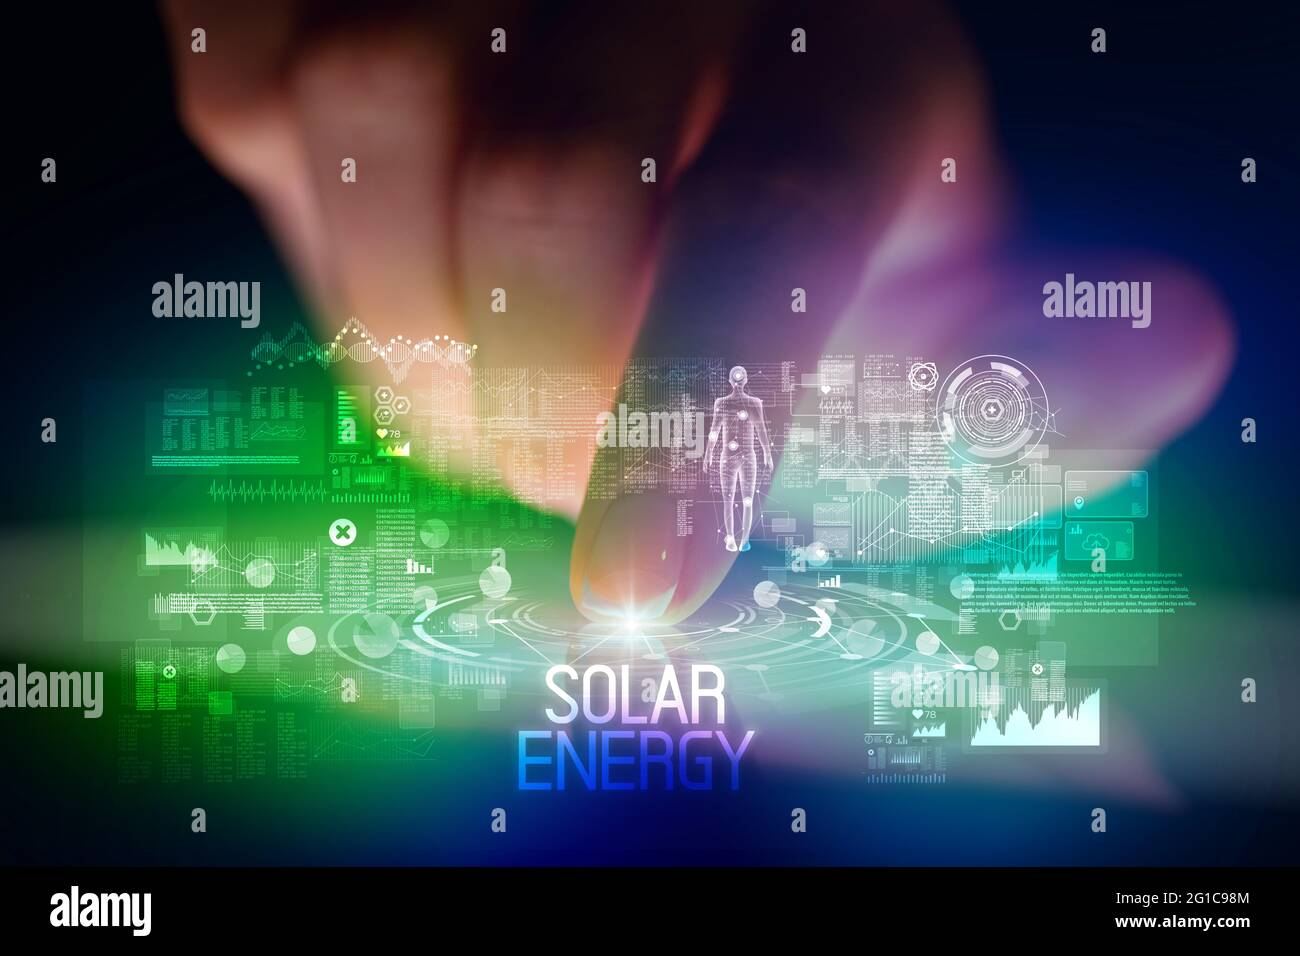 Concept de tablette tactile avec icônes de technologie Web Banque D'Images